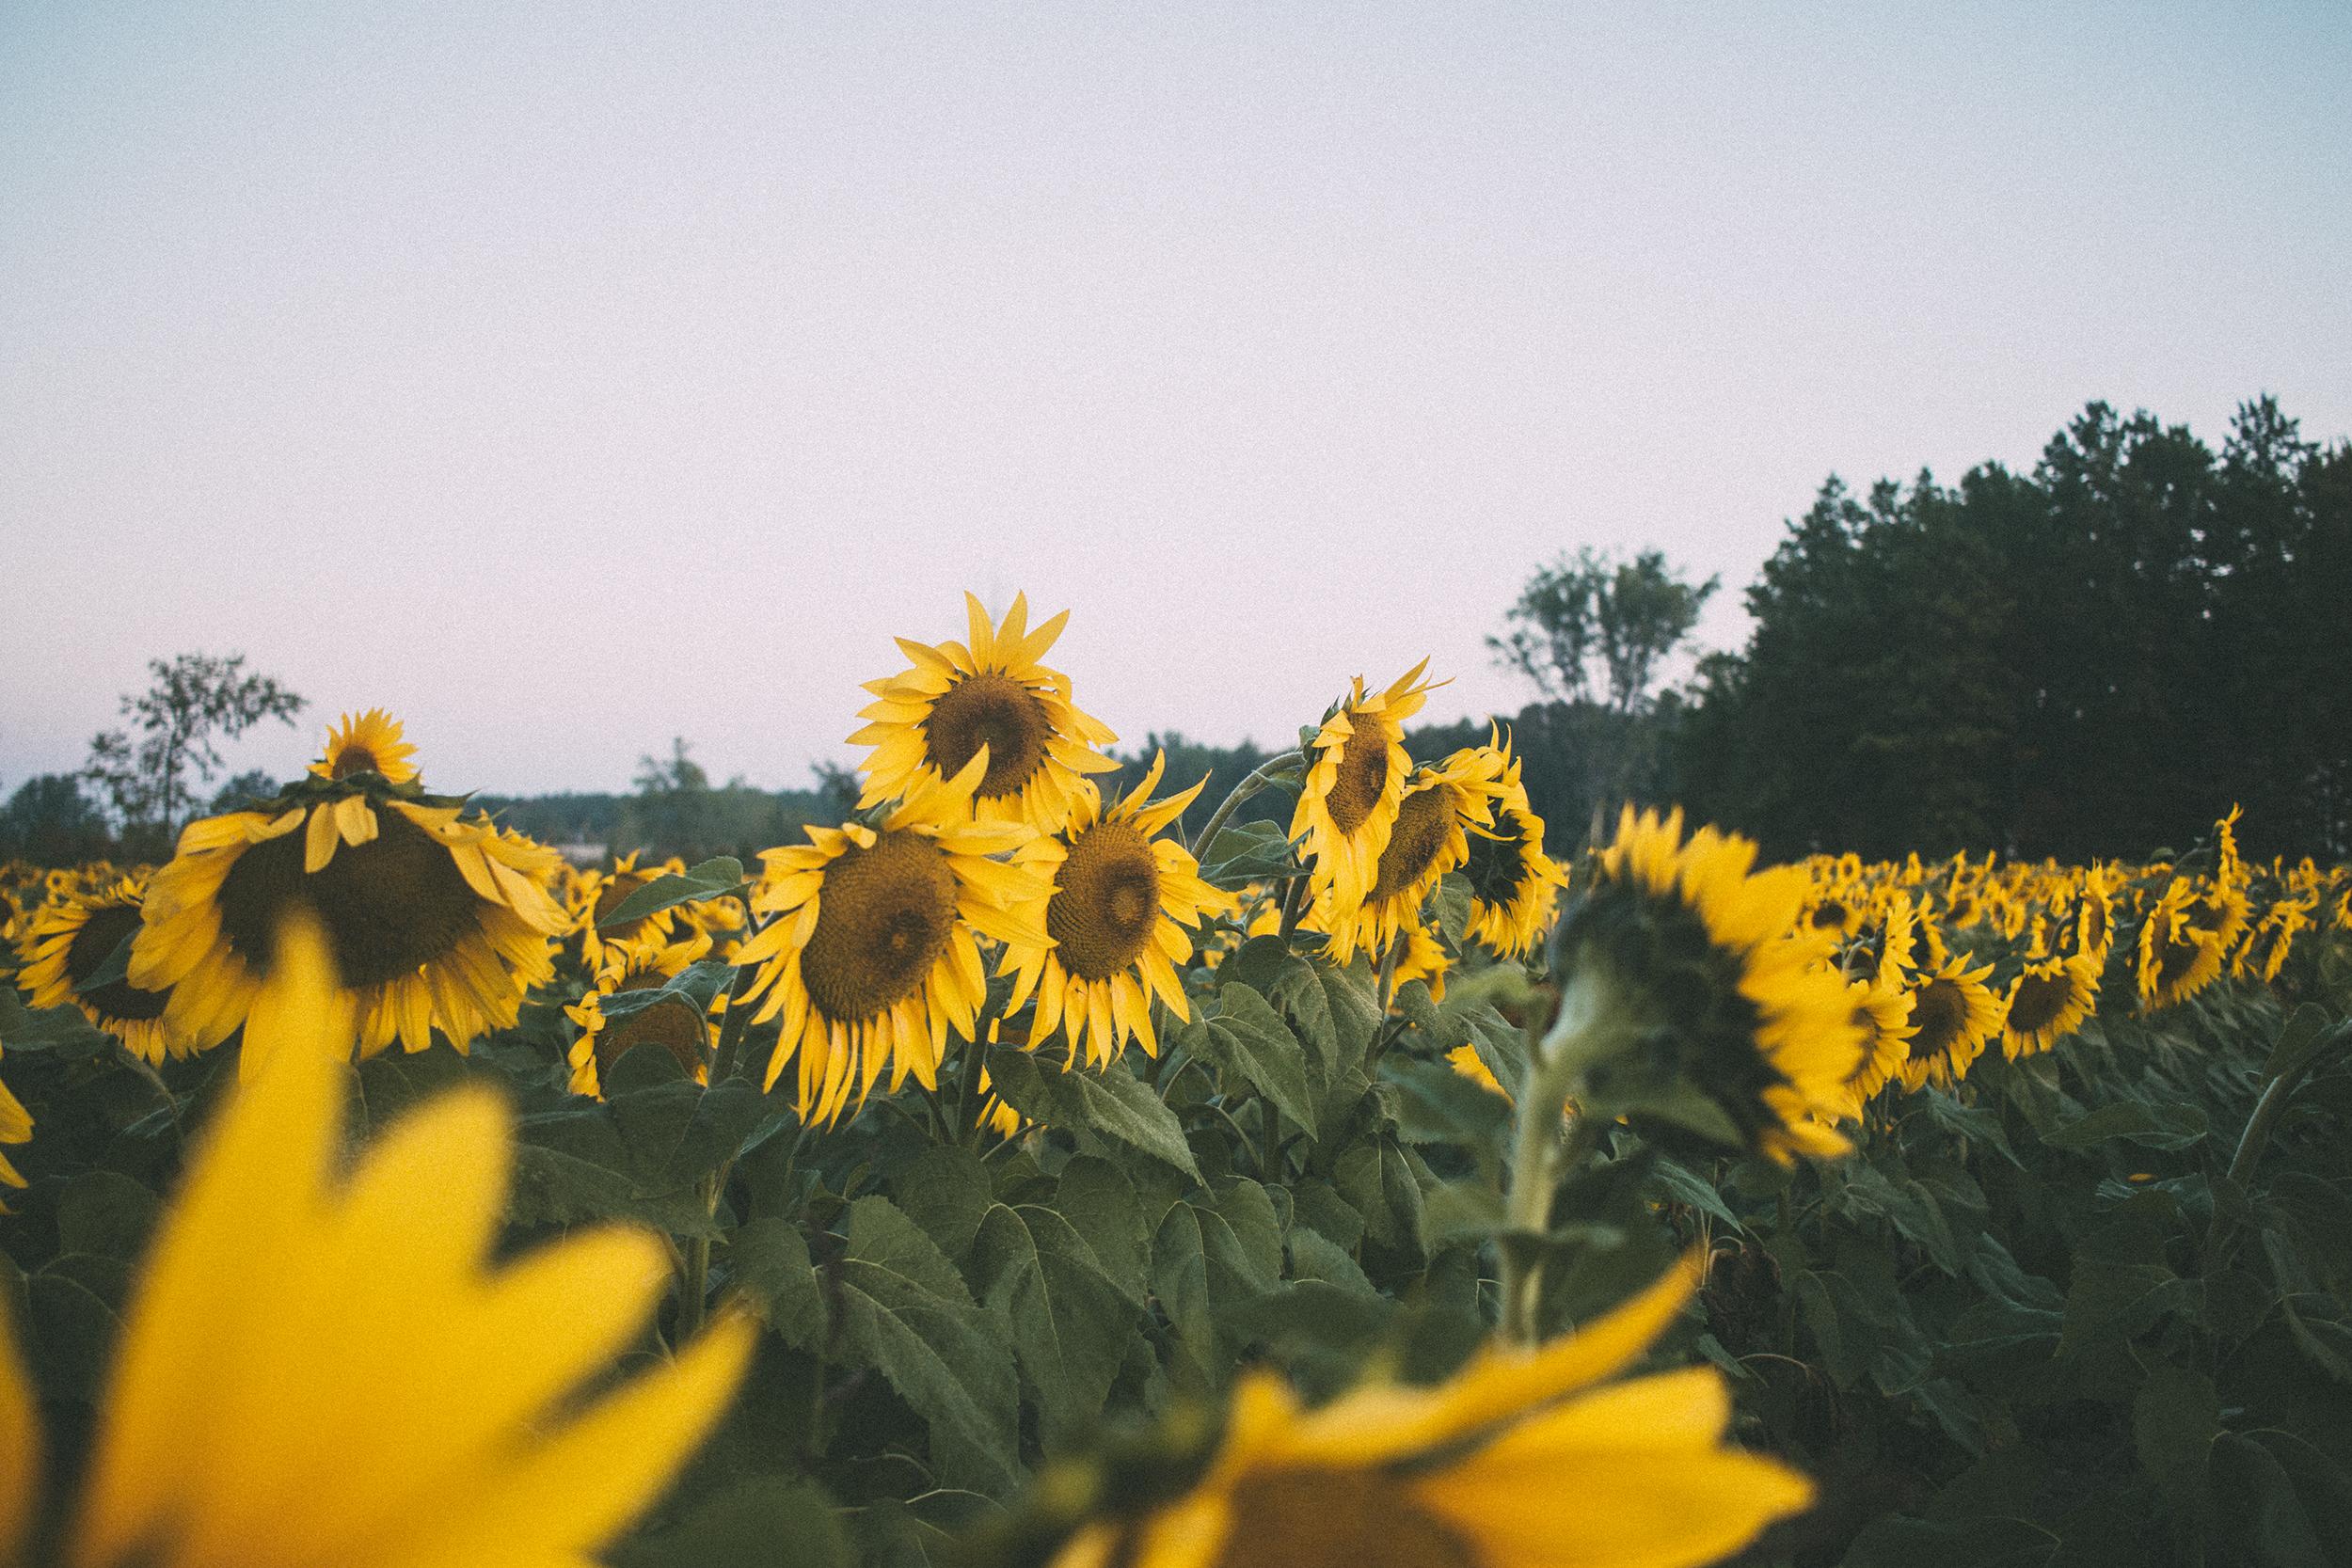 AvonOHSunflowers_09232017_050.jpg